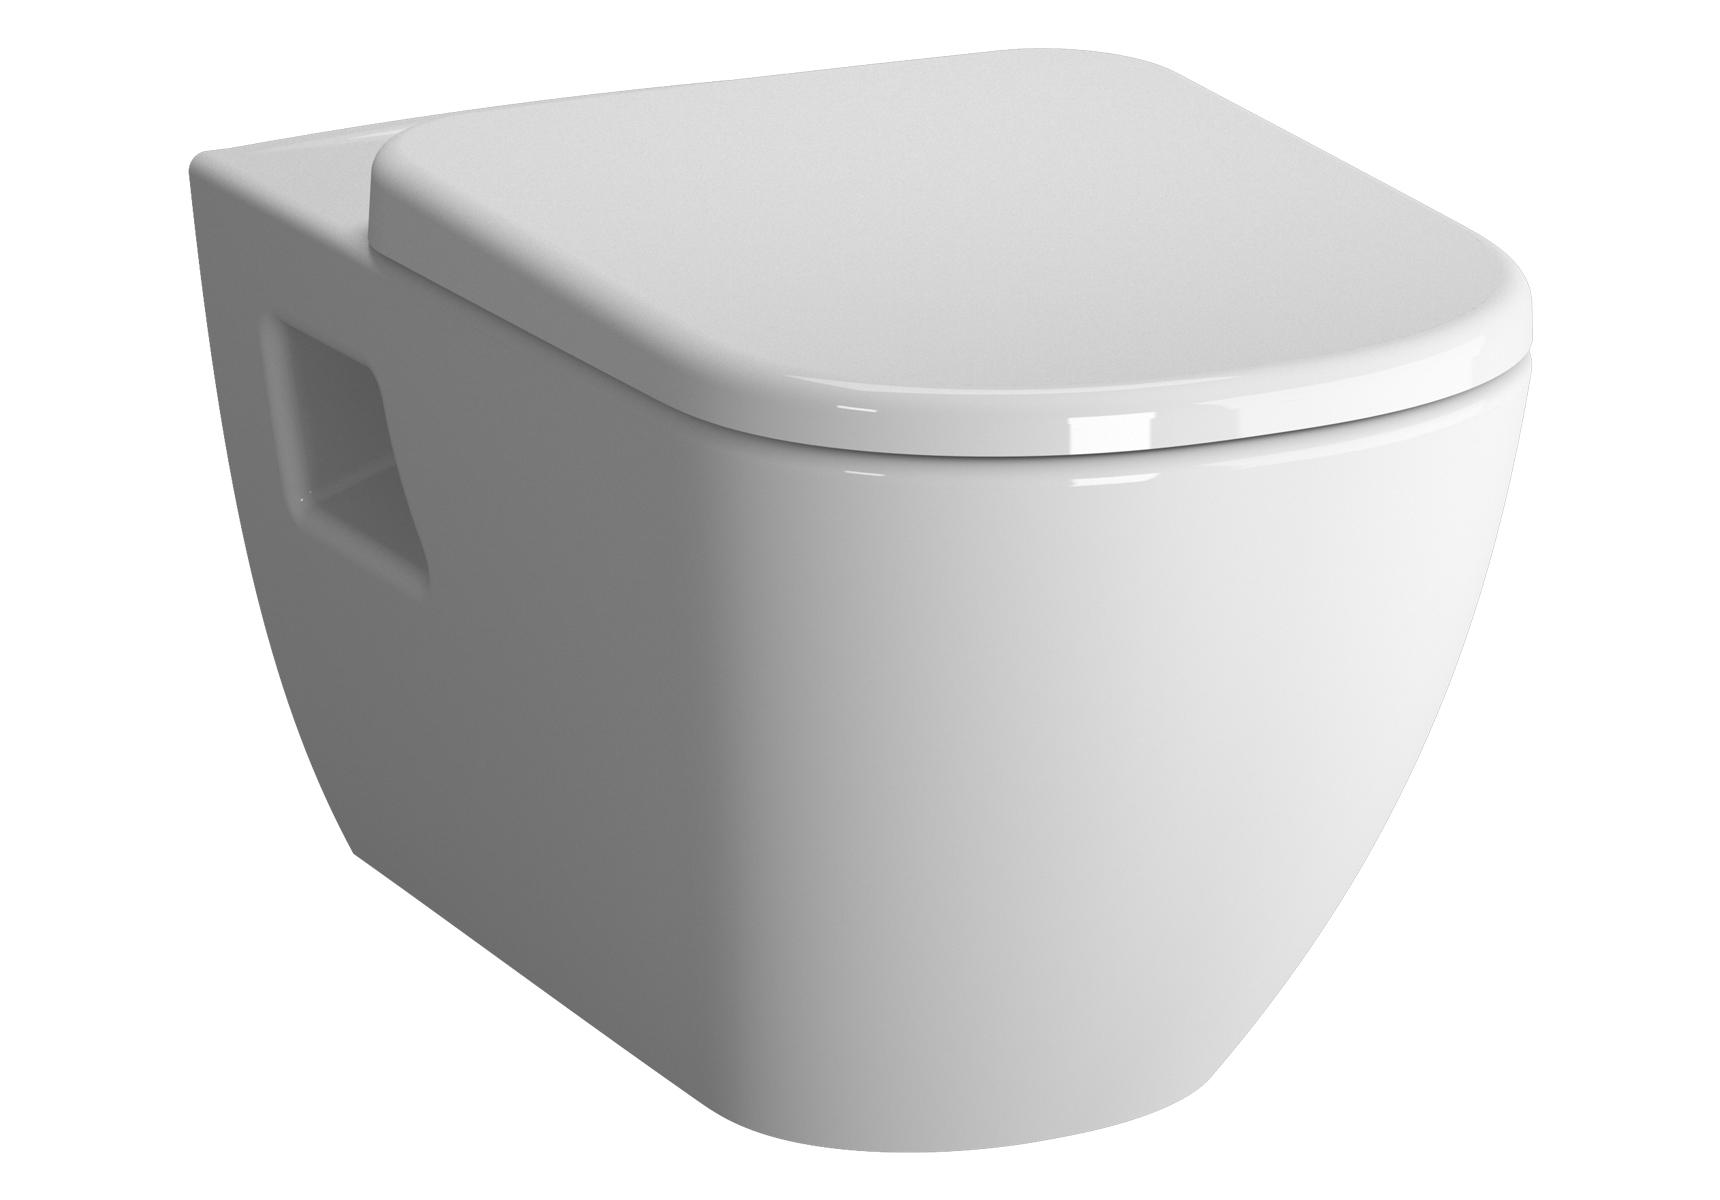 D-Light WC suspendu sans bride, 58 cm, avec fonction bidet